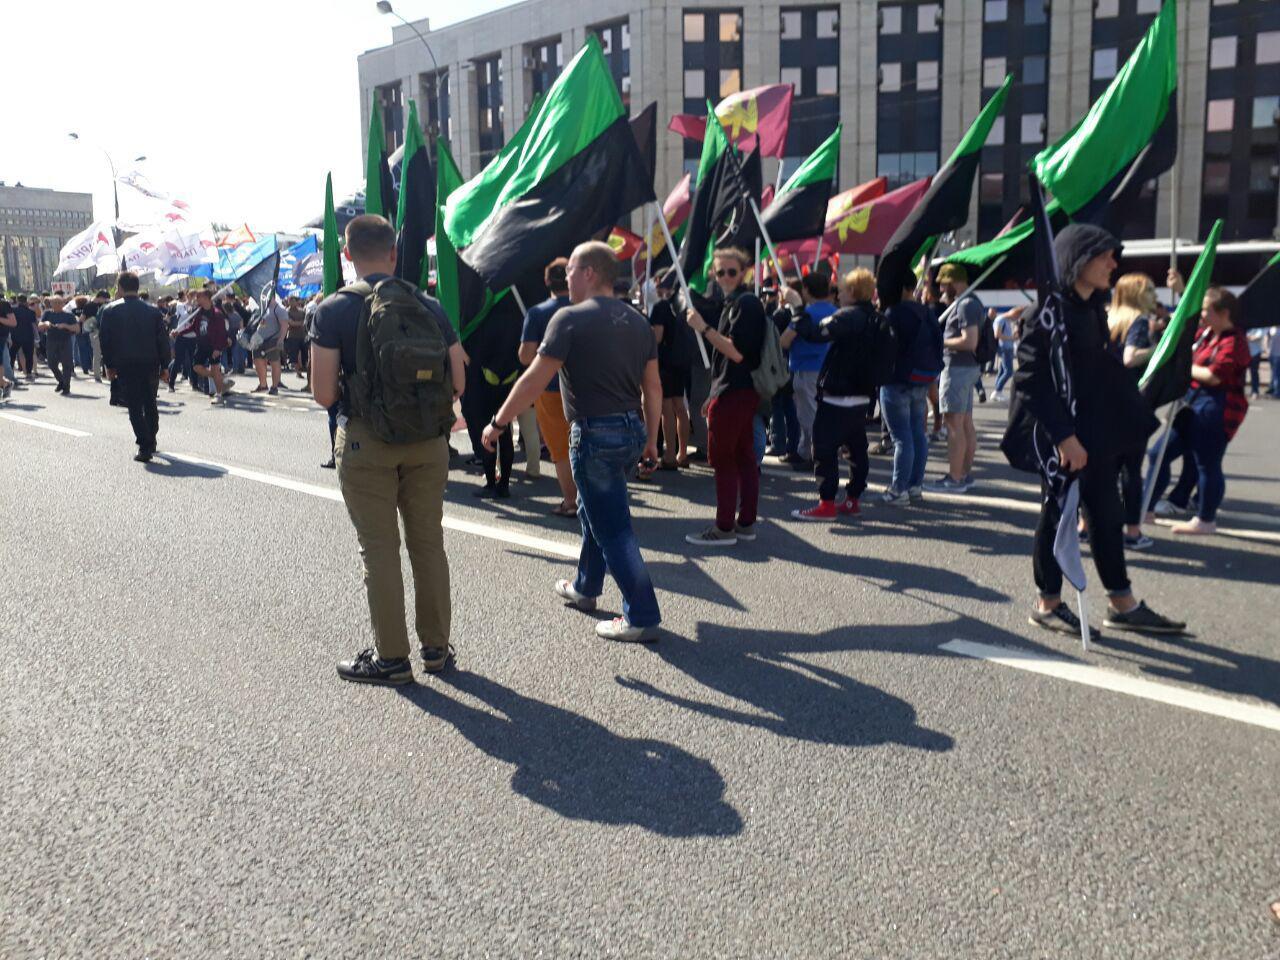 Всогласованном митинге напроспекте Сахарова в столице России участвовали около тысячи человек